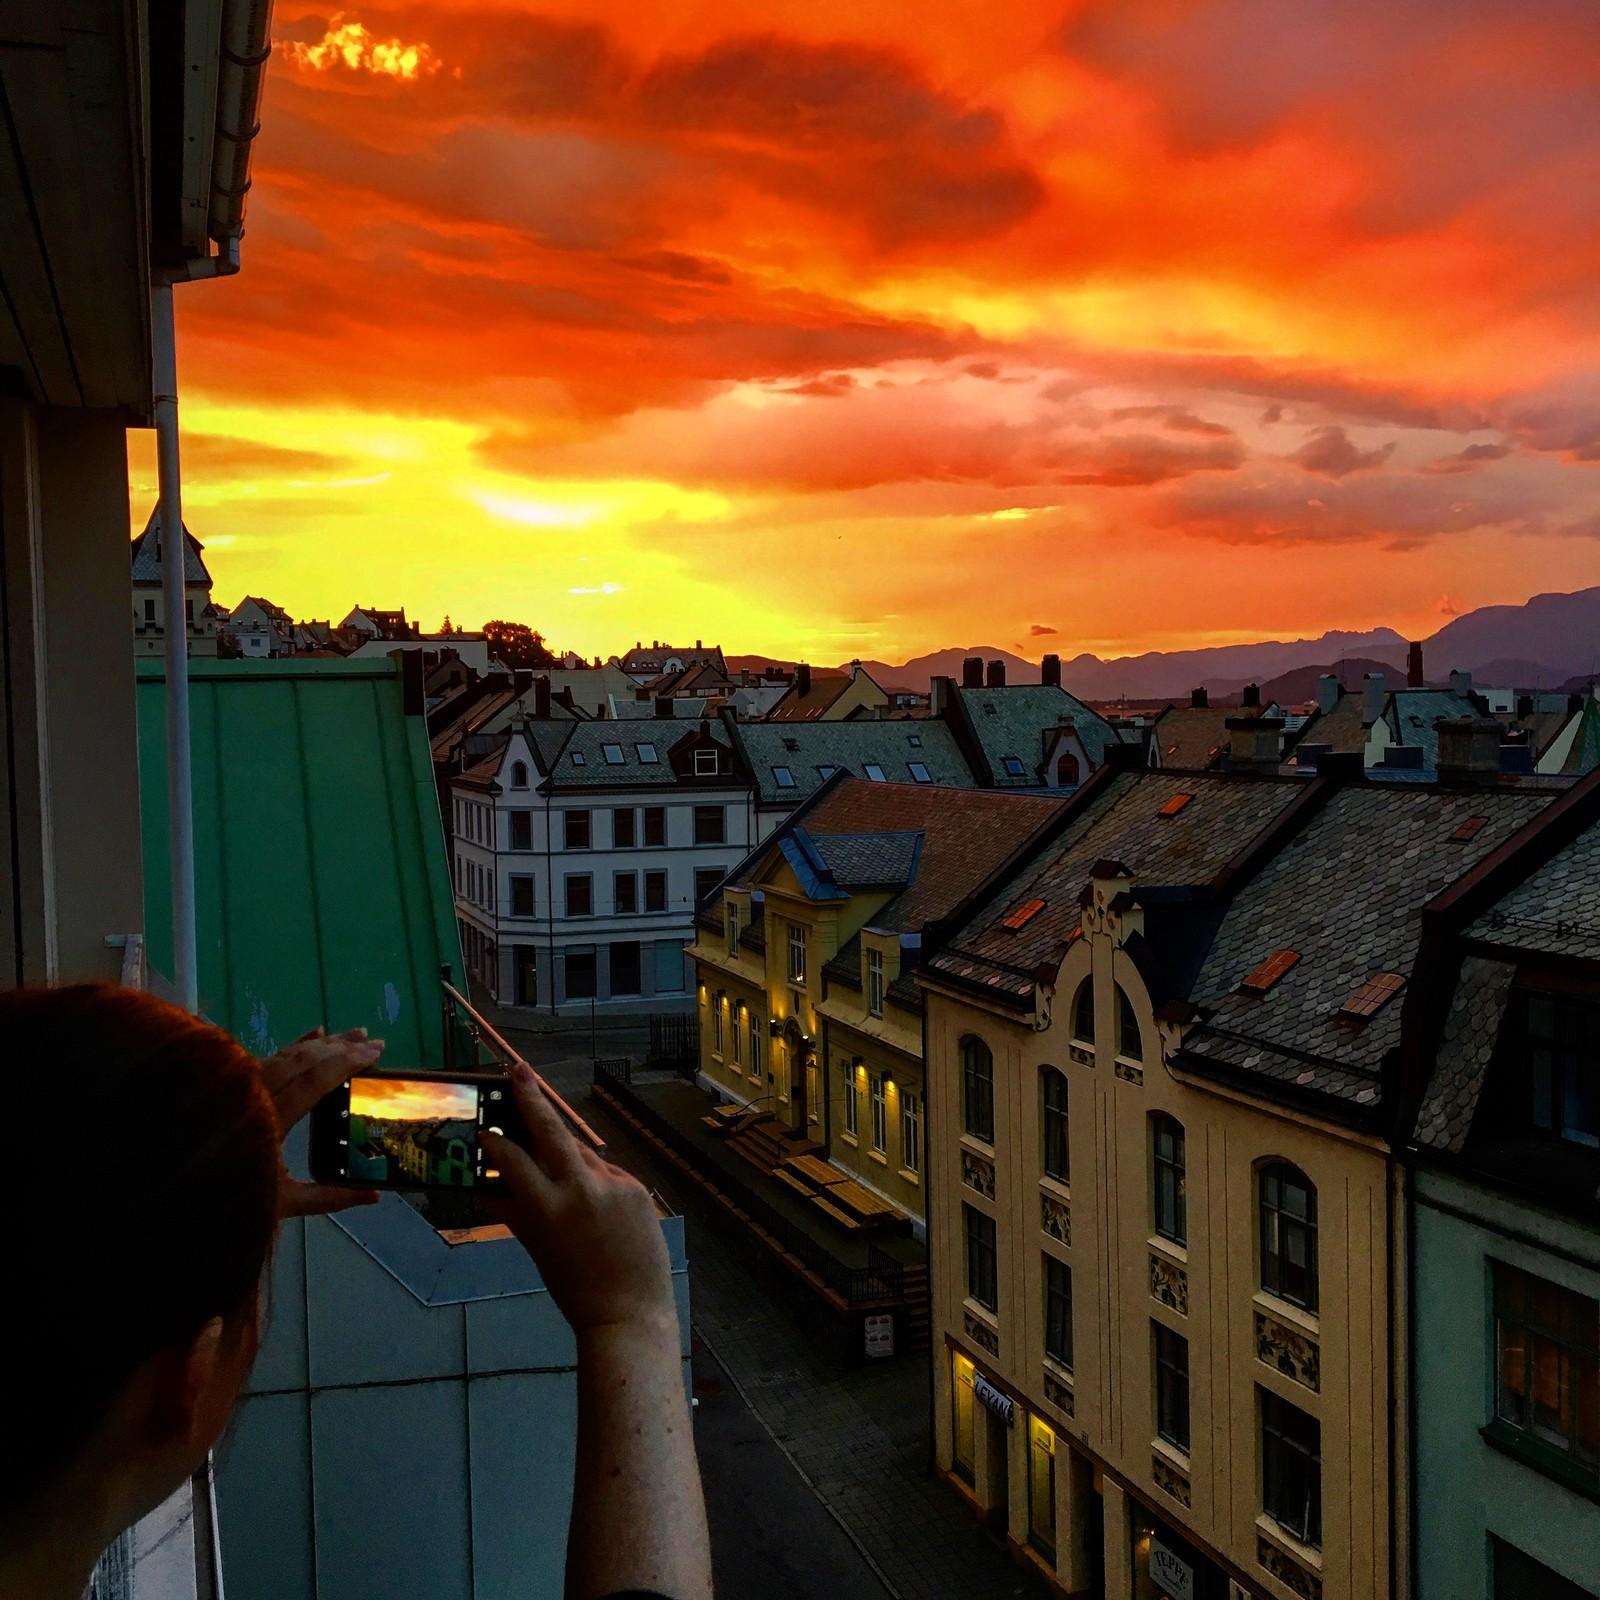 Slik såg himmelen ut sett frå verandaen til NRK Møre og Romsdal torsdag morgon.